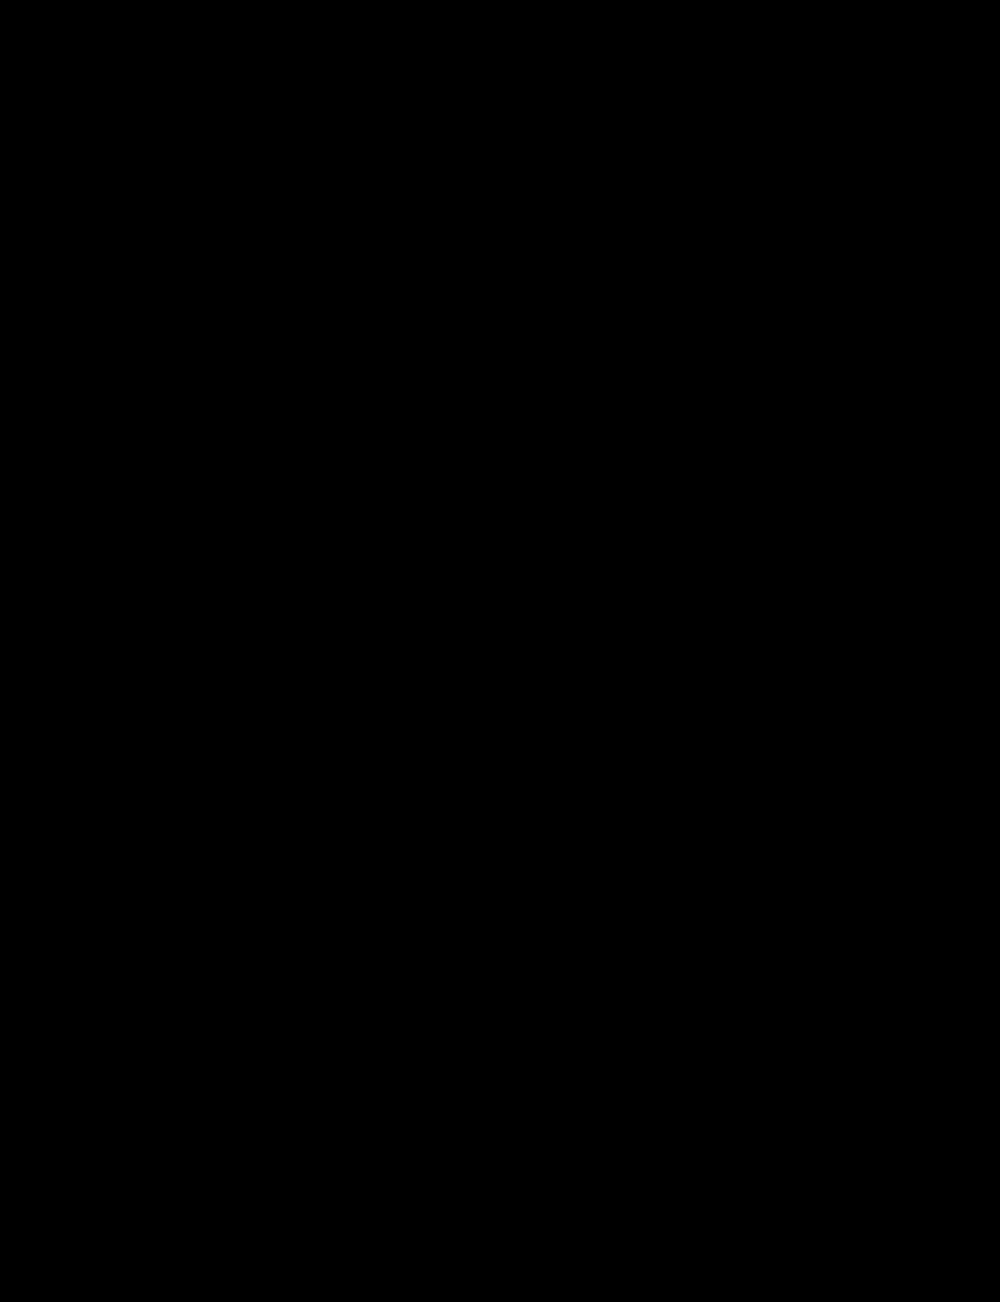 Défilé Jeremy Scott prêt-à-porter printemps-été 2016.